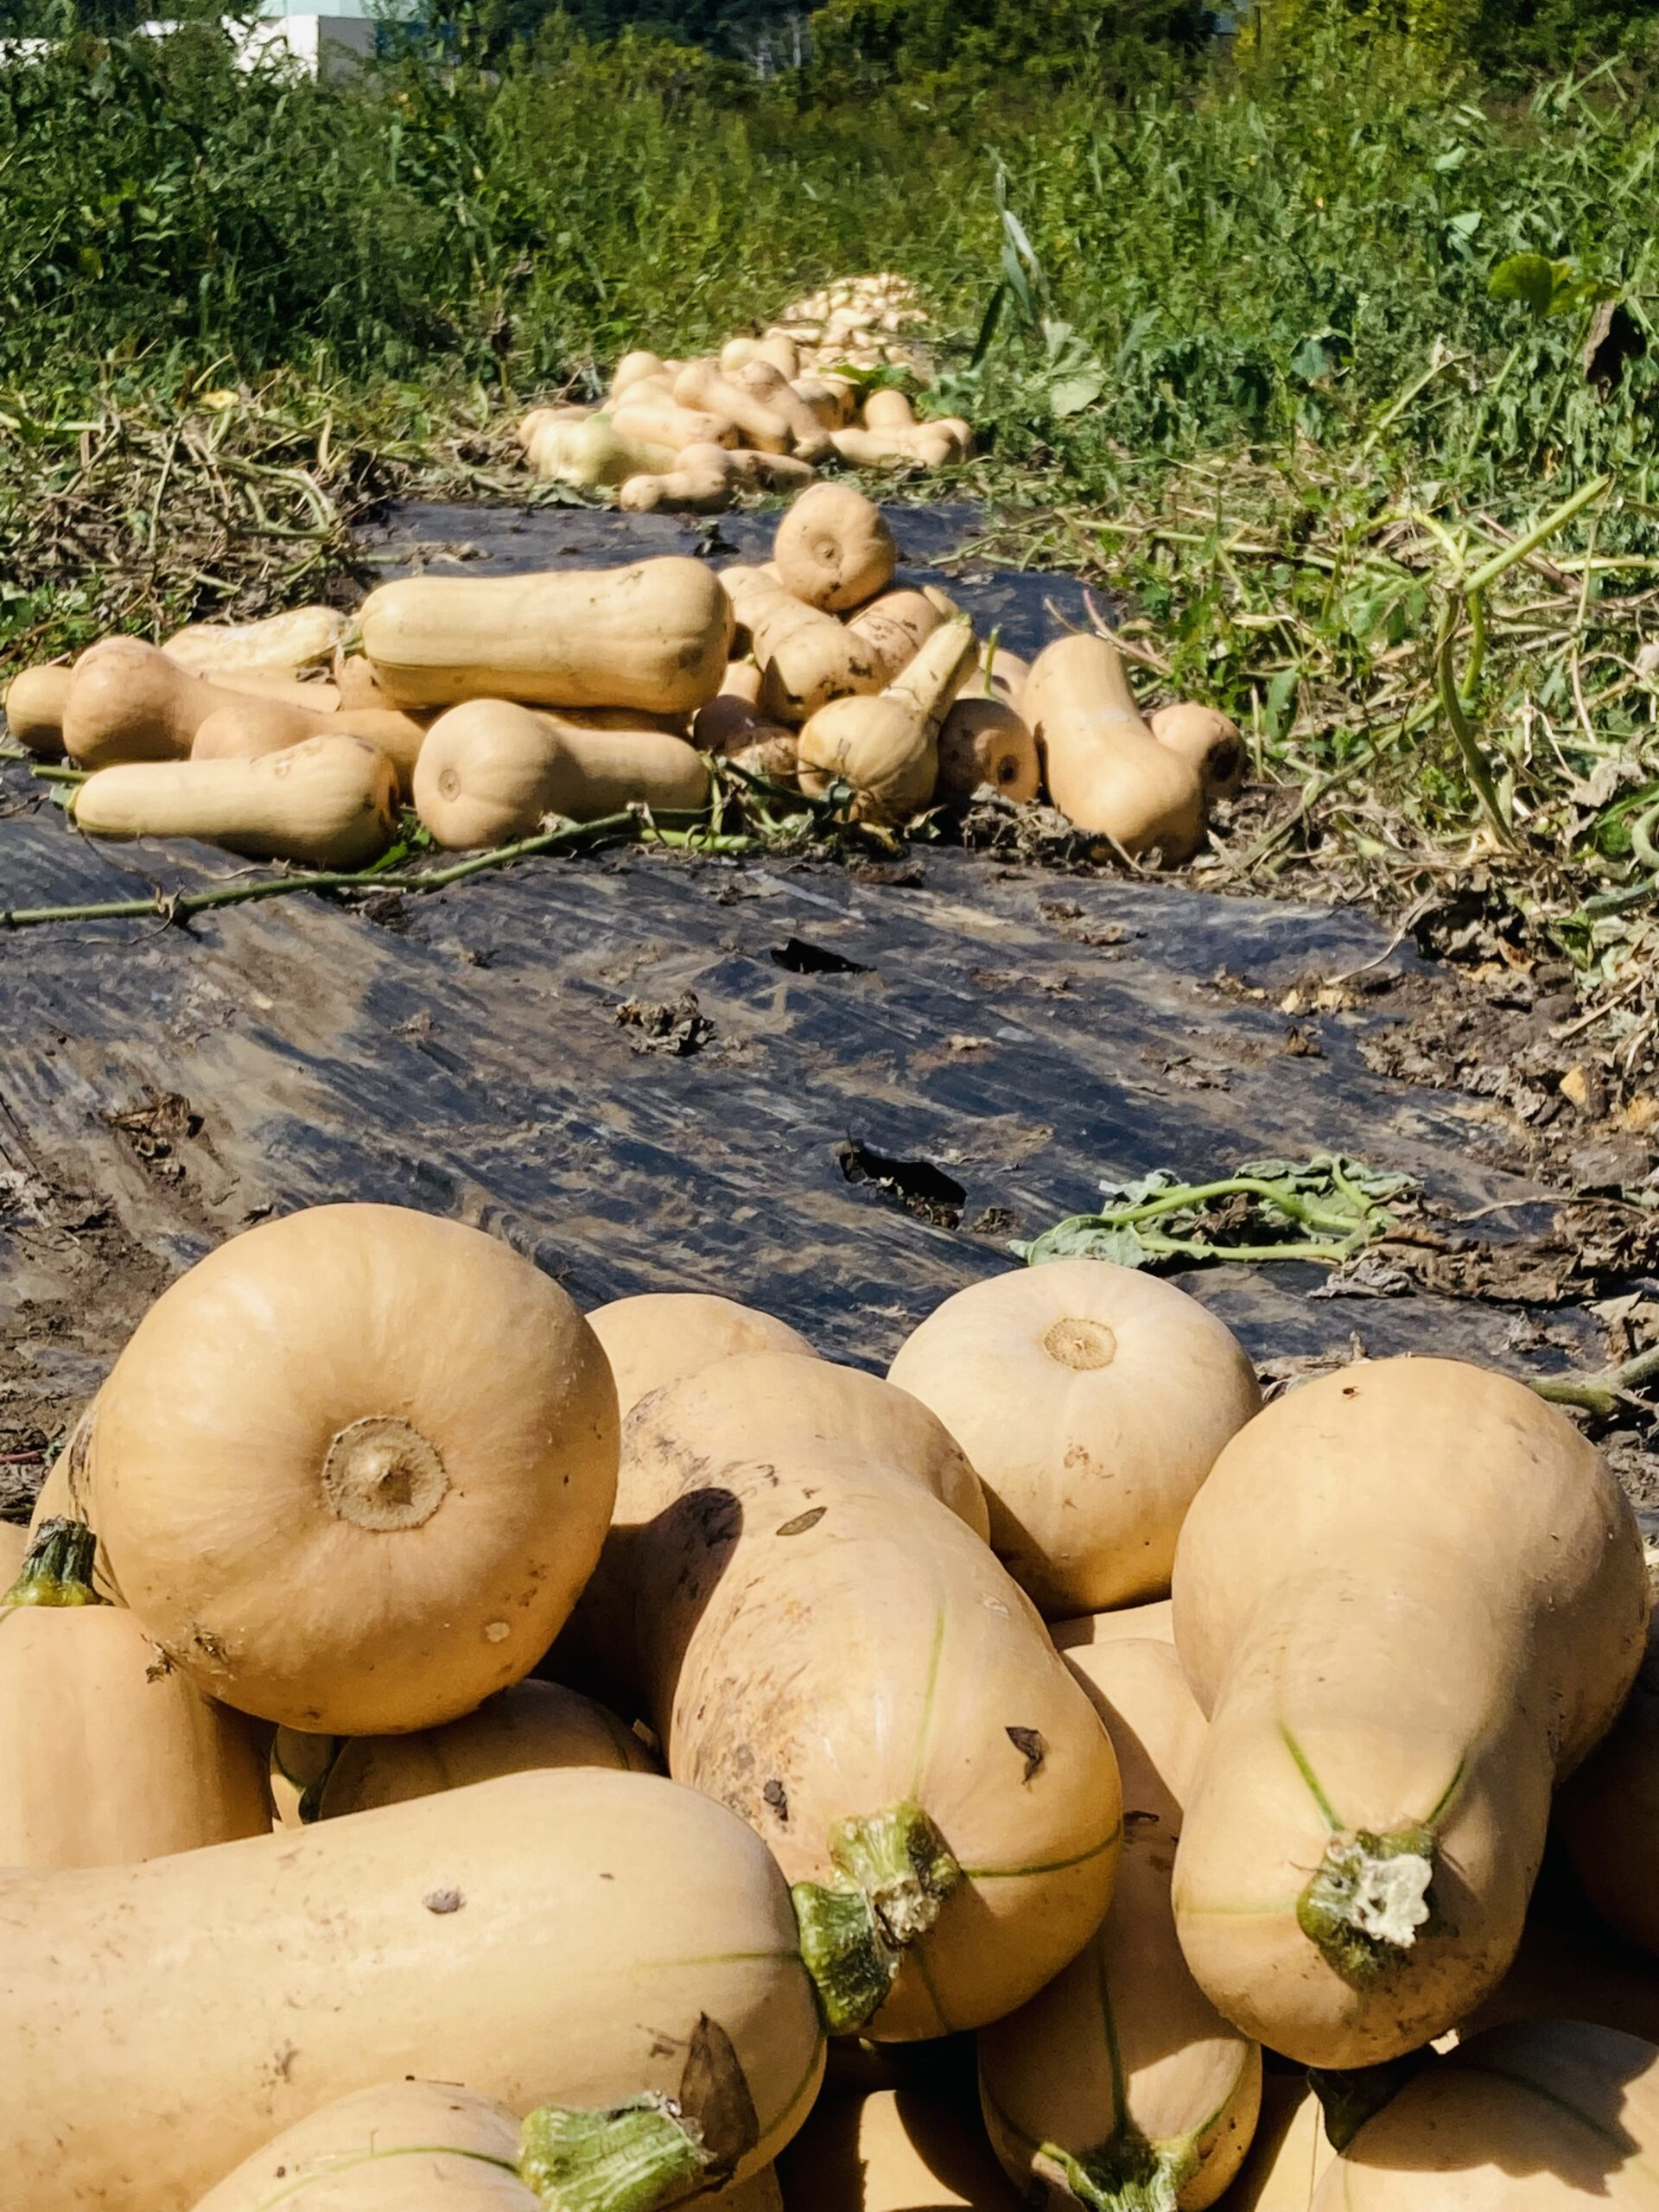 バターナッツ2回目の収穫